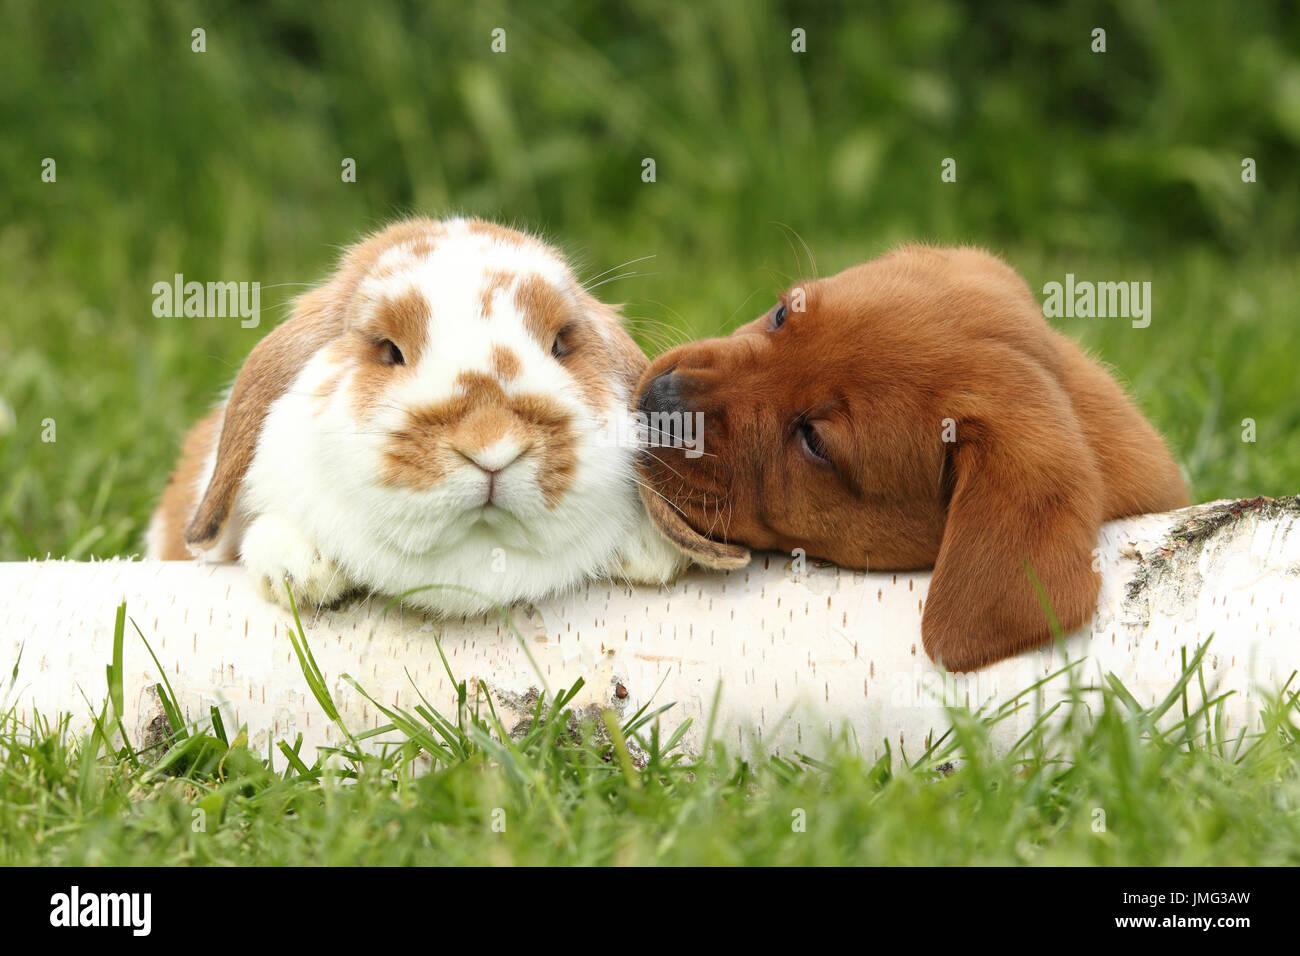 Labrador Retriever y Lop enano orejudo bunny. Puppy (6 semanas) oler a conejo, mientras yacían en un registro de abedul. Alemania Imagen De Stock